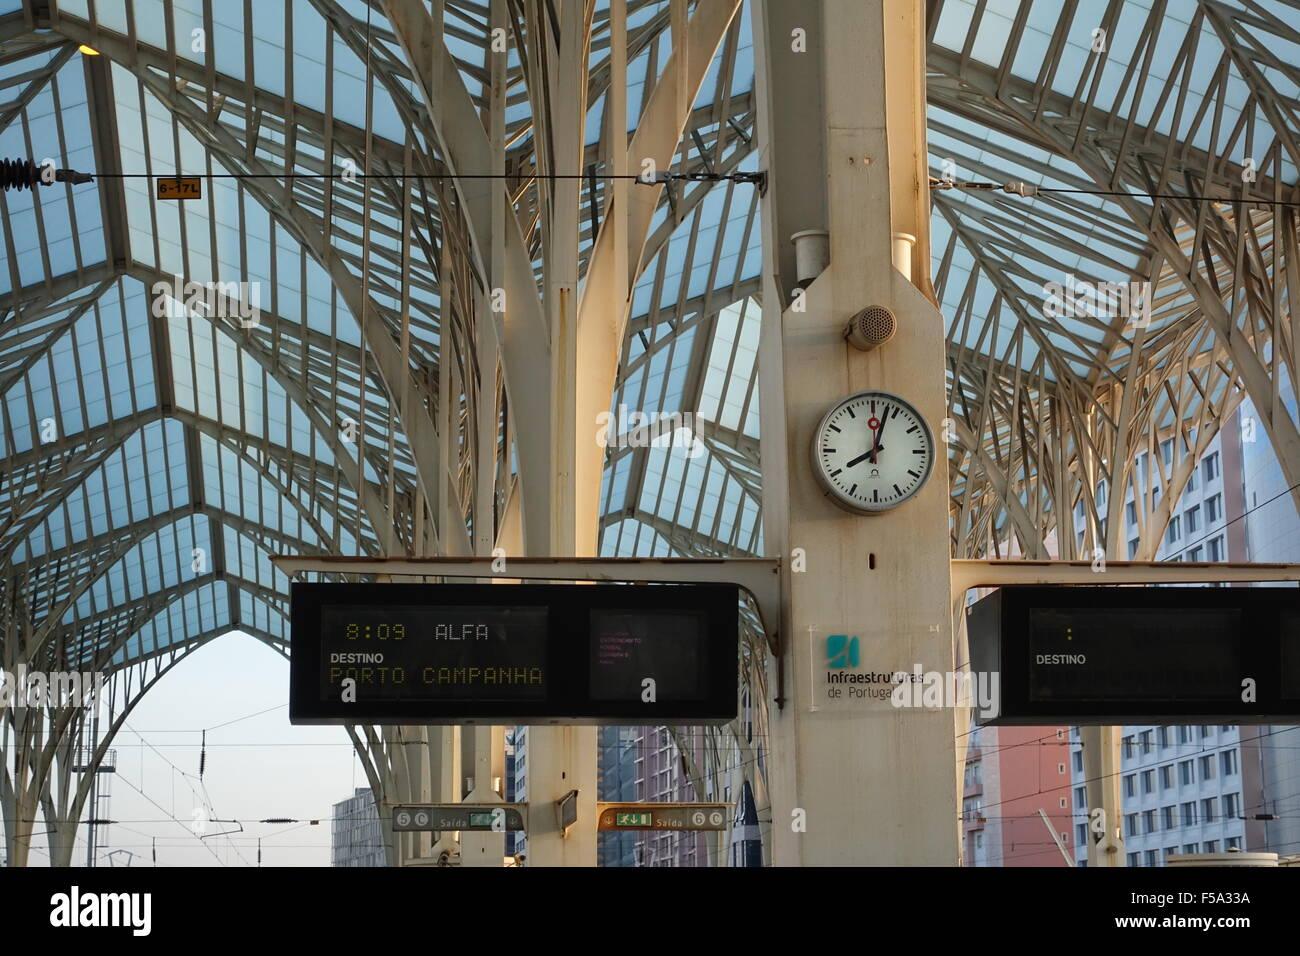 Estação do Oriente Lisbon Destination Indicators -2 - Stock Image